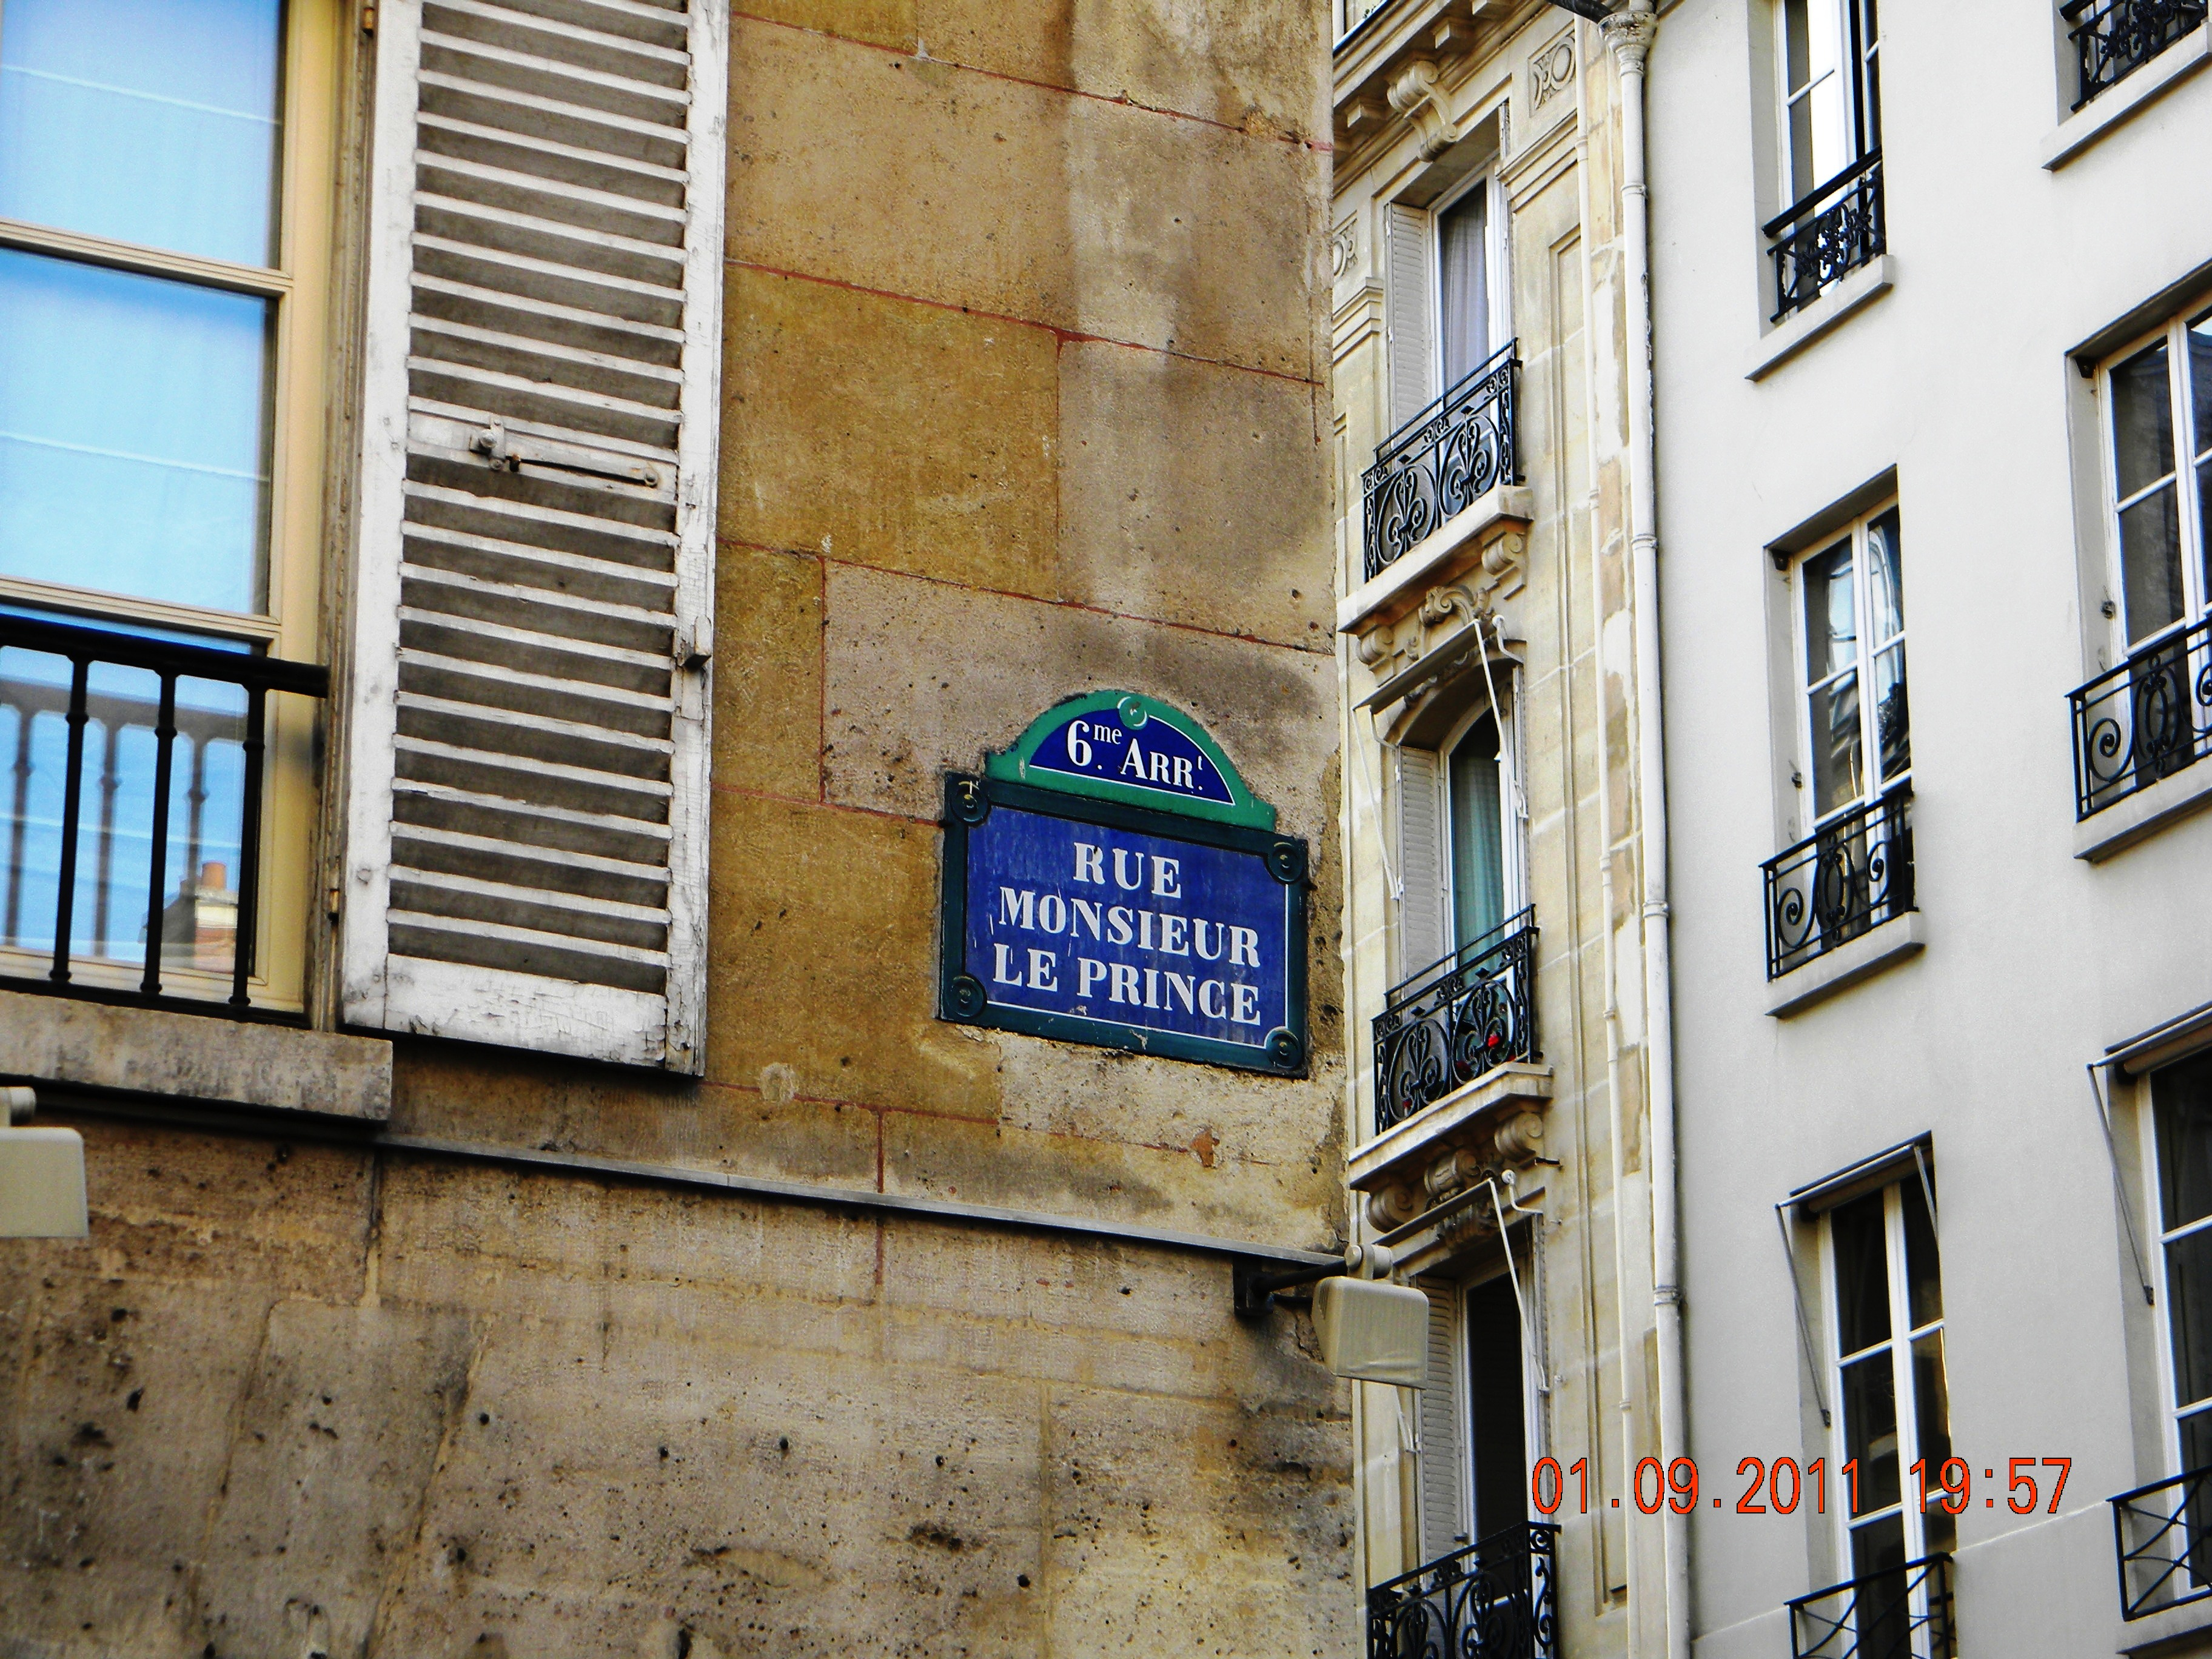 rue monsieur le prince paris map. Black Bedroom Furniture Sets. Home Design Ideas